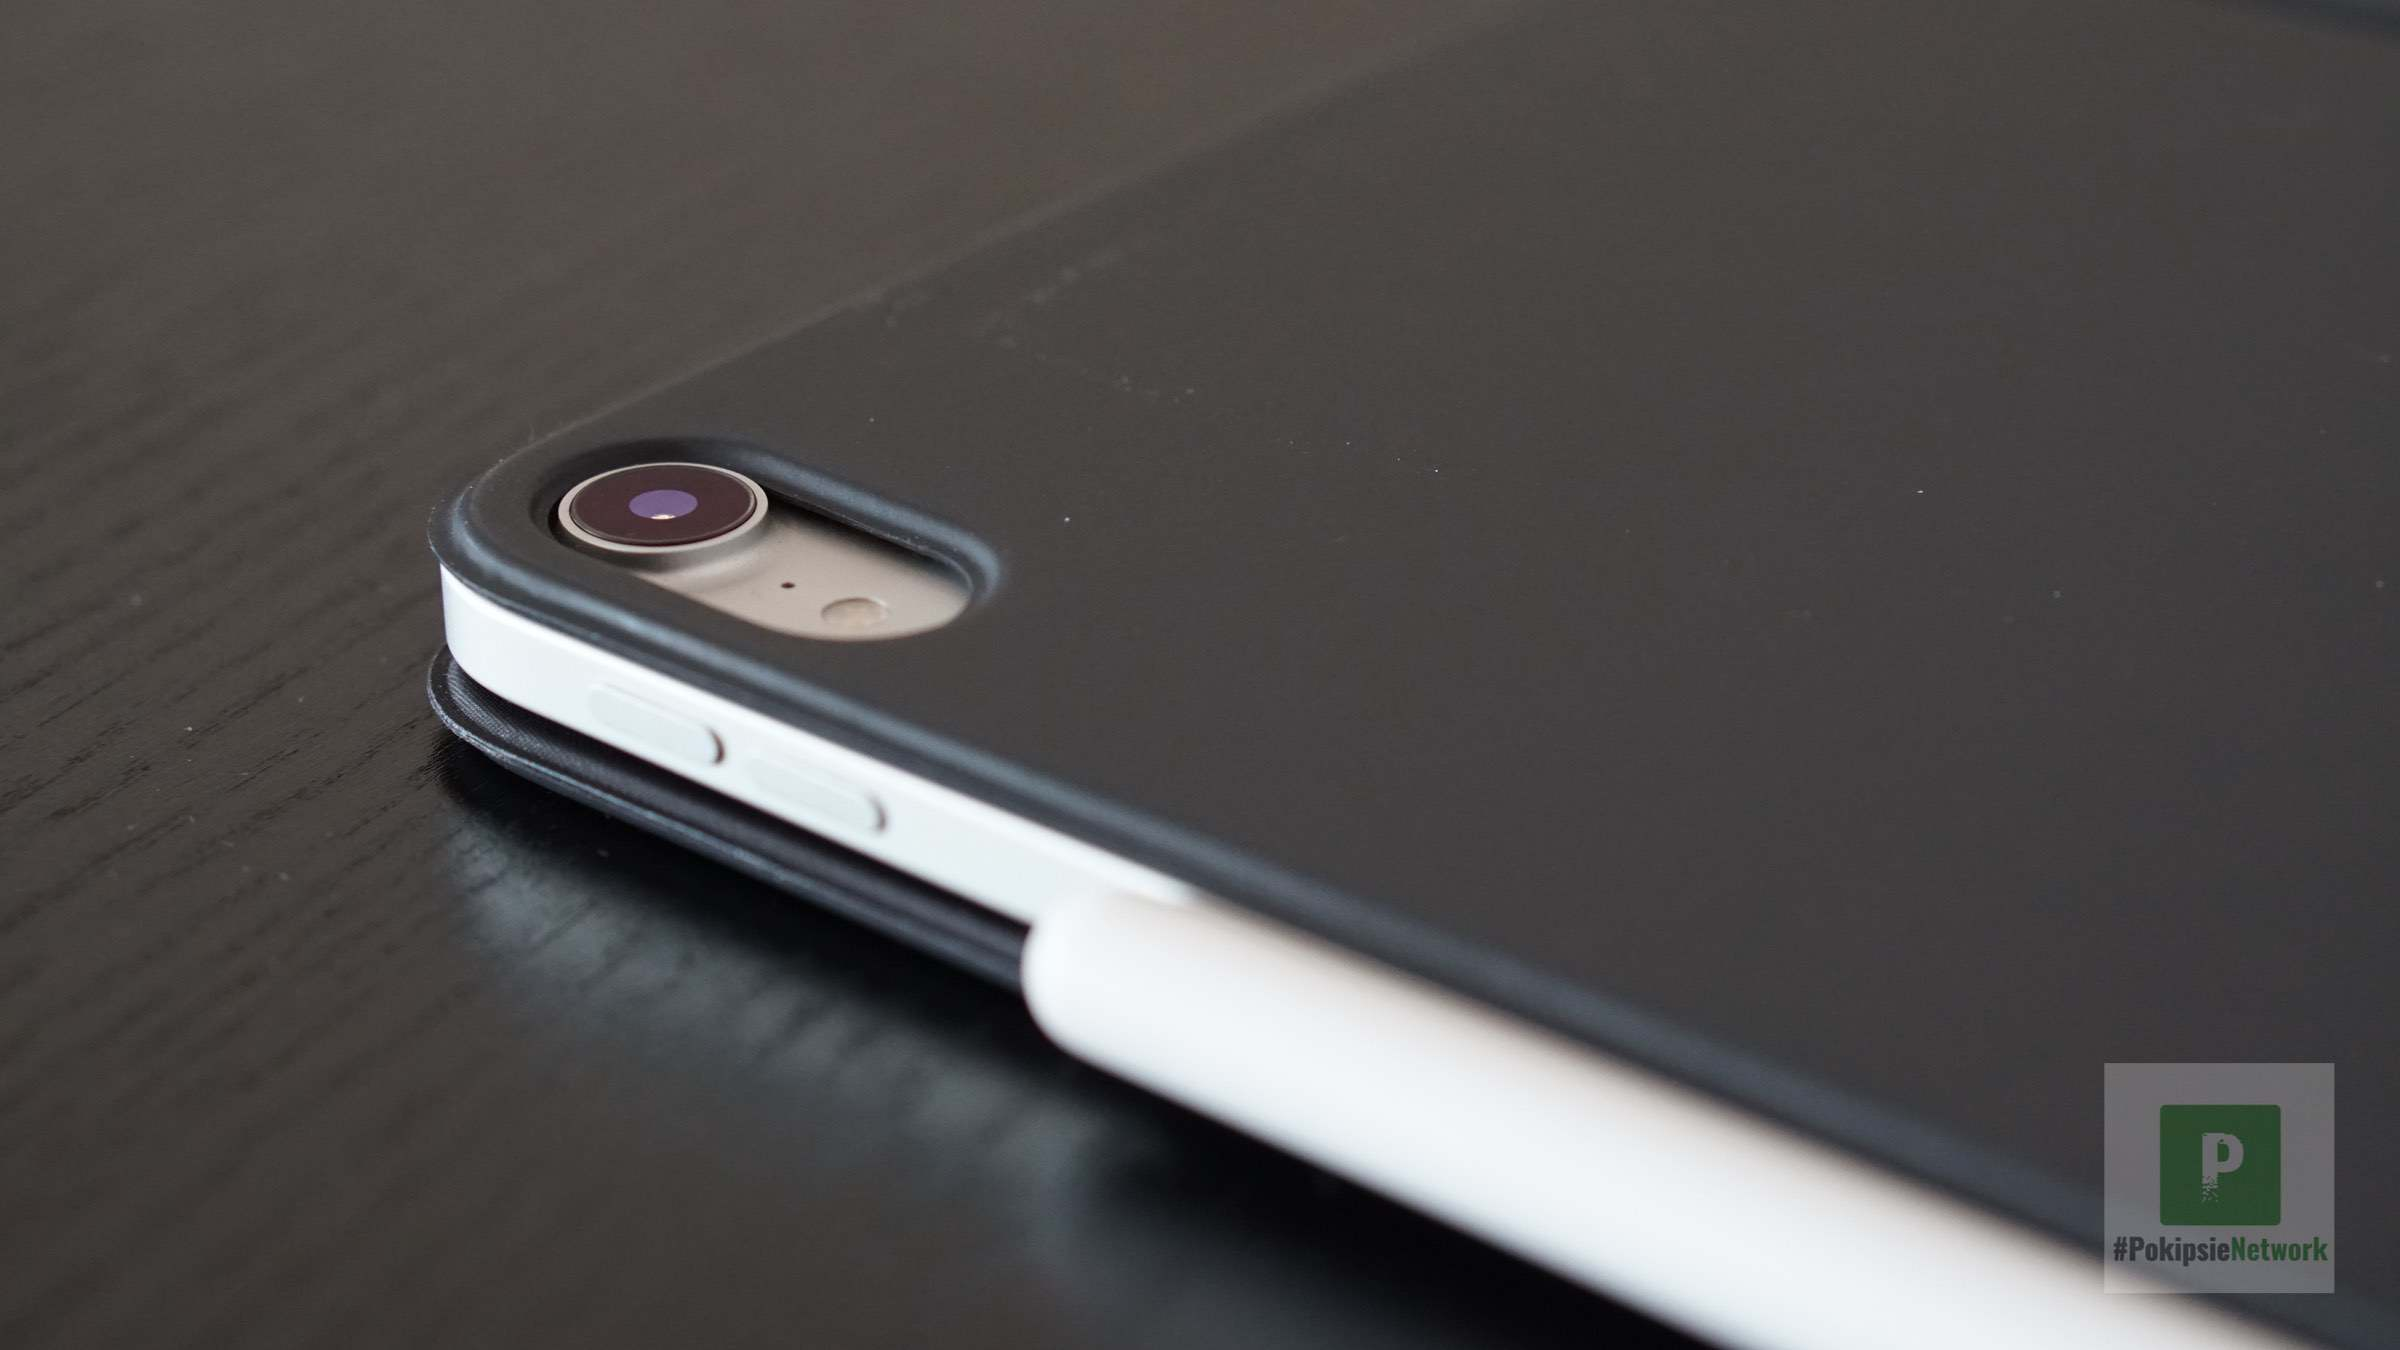 Die Aussparung für die Kamera und der angebrachte Stift